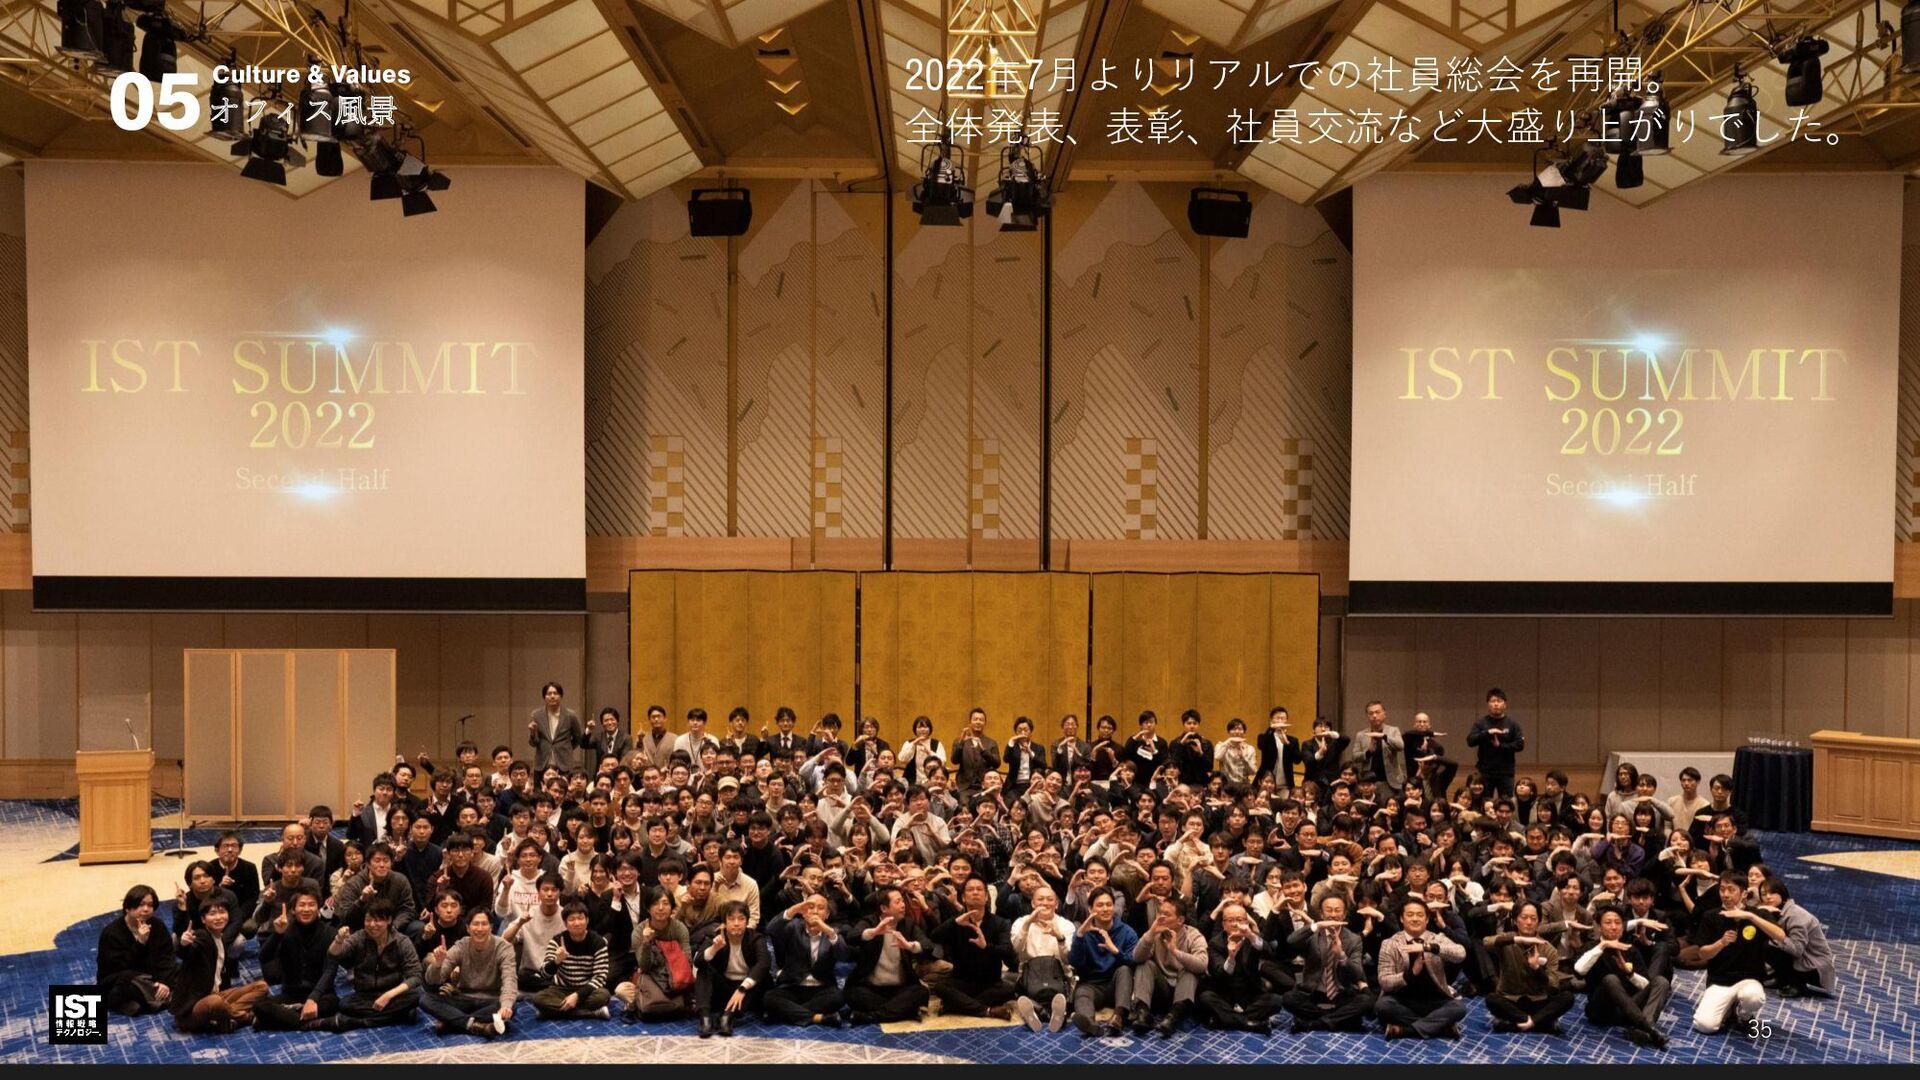 オフィス風景 社風・価値観 05 社名に漢字が入っている企業は短命で終わらない、 というデータ...